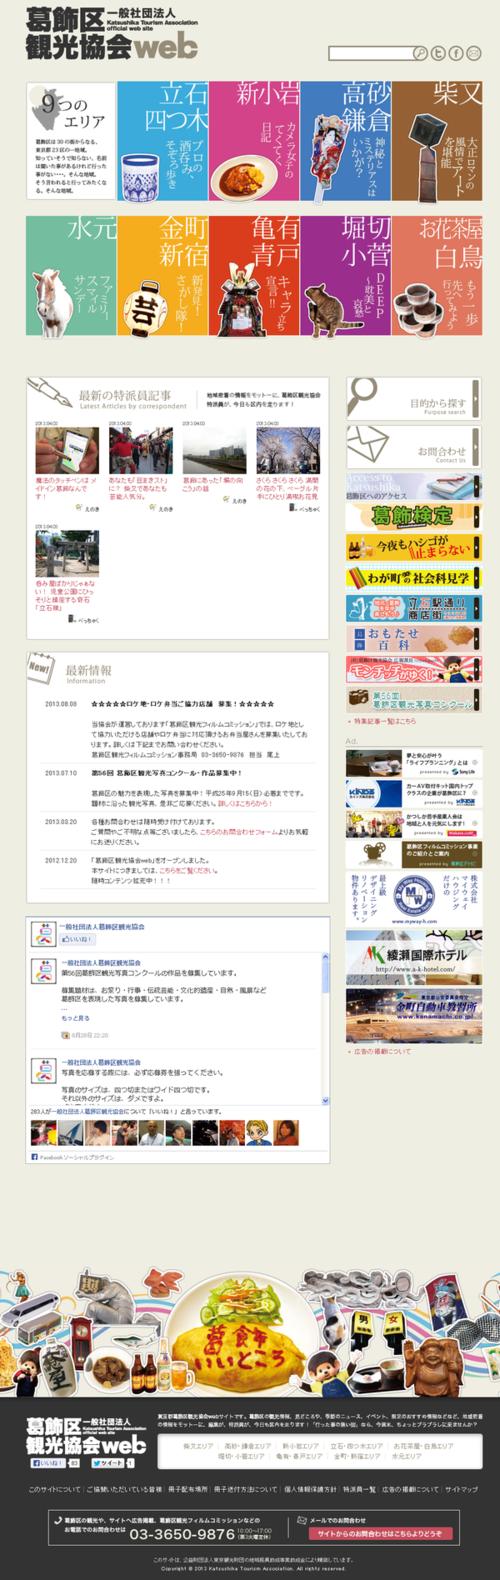 一般社団法人 葛飾区観光協会web 公式サイト |トップページ